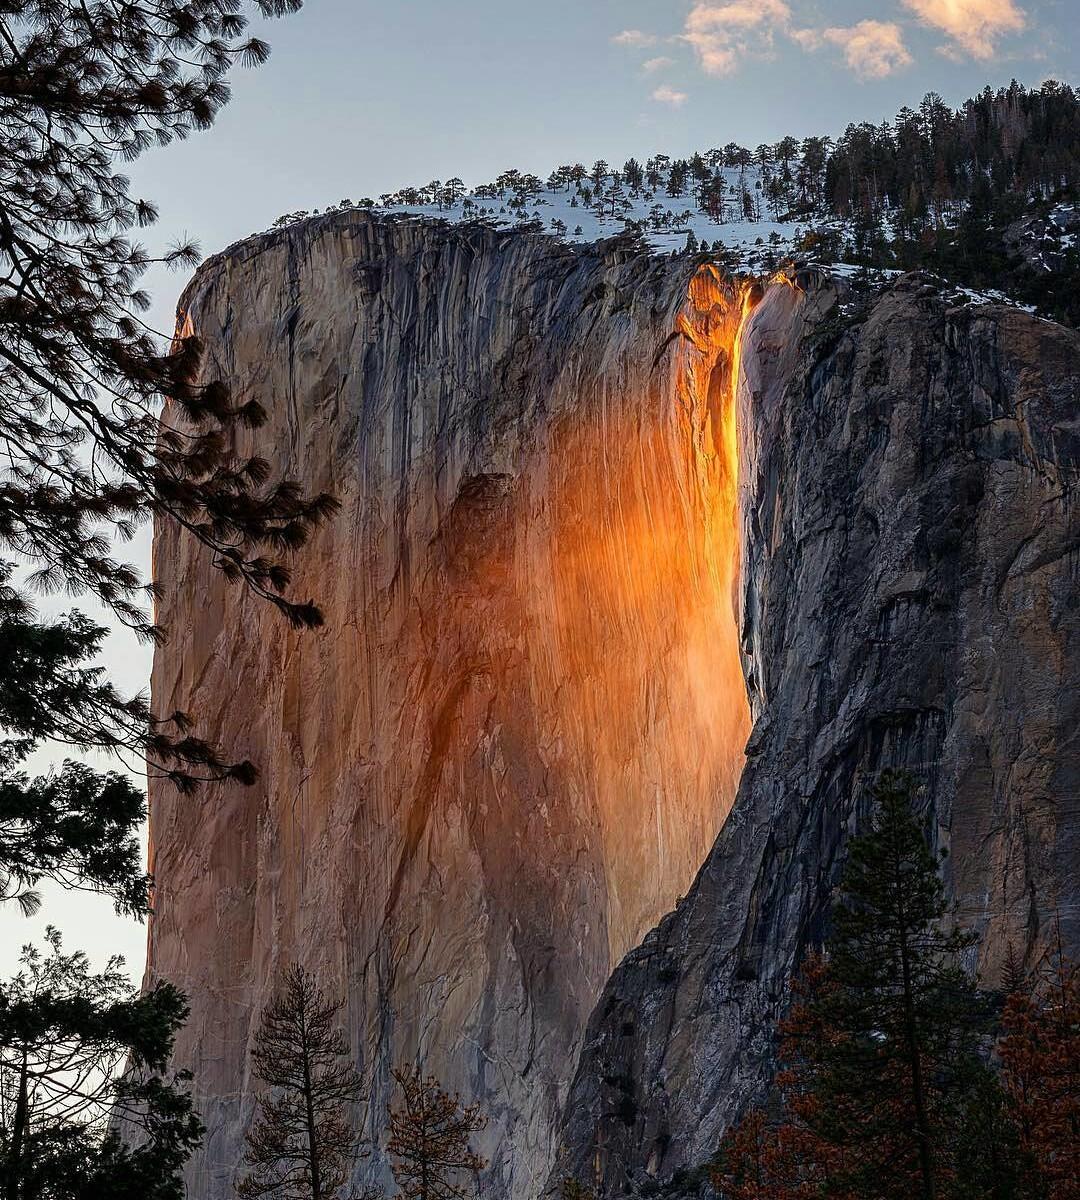 Водопад в Калифорнии превратился в огненный поток